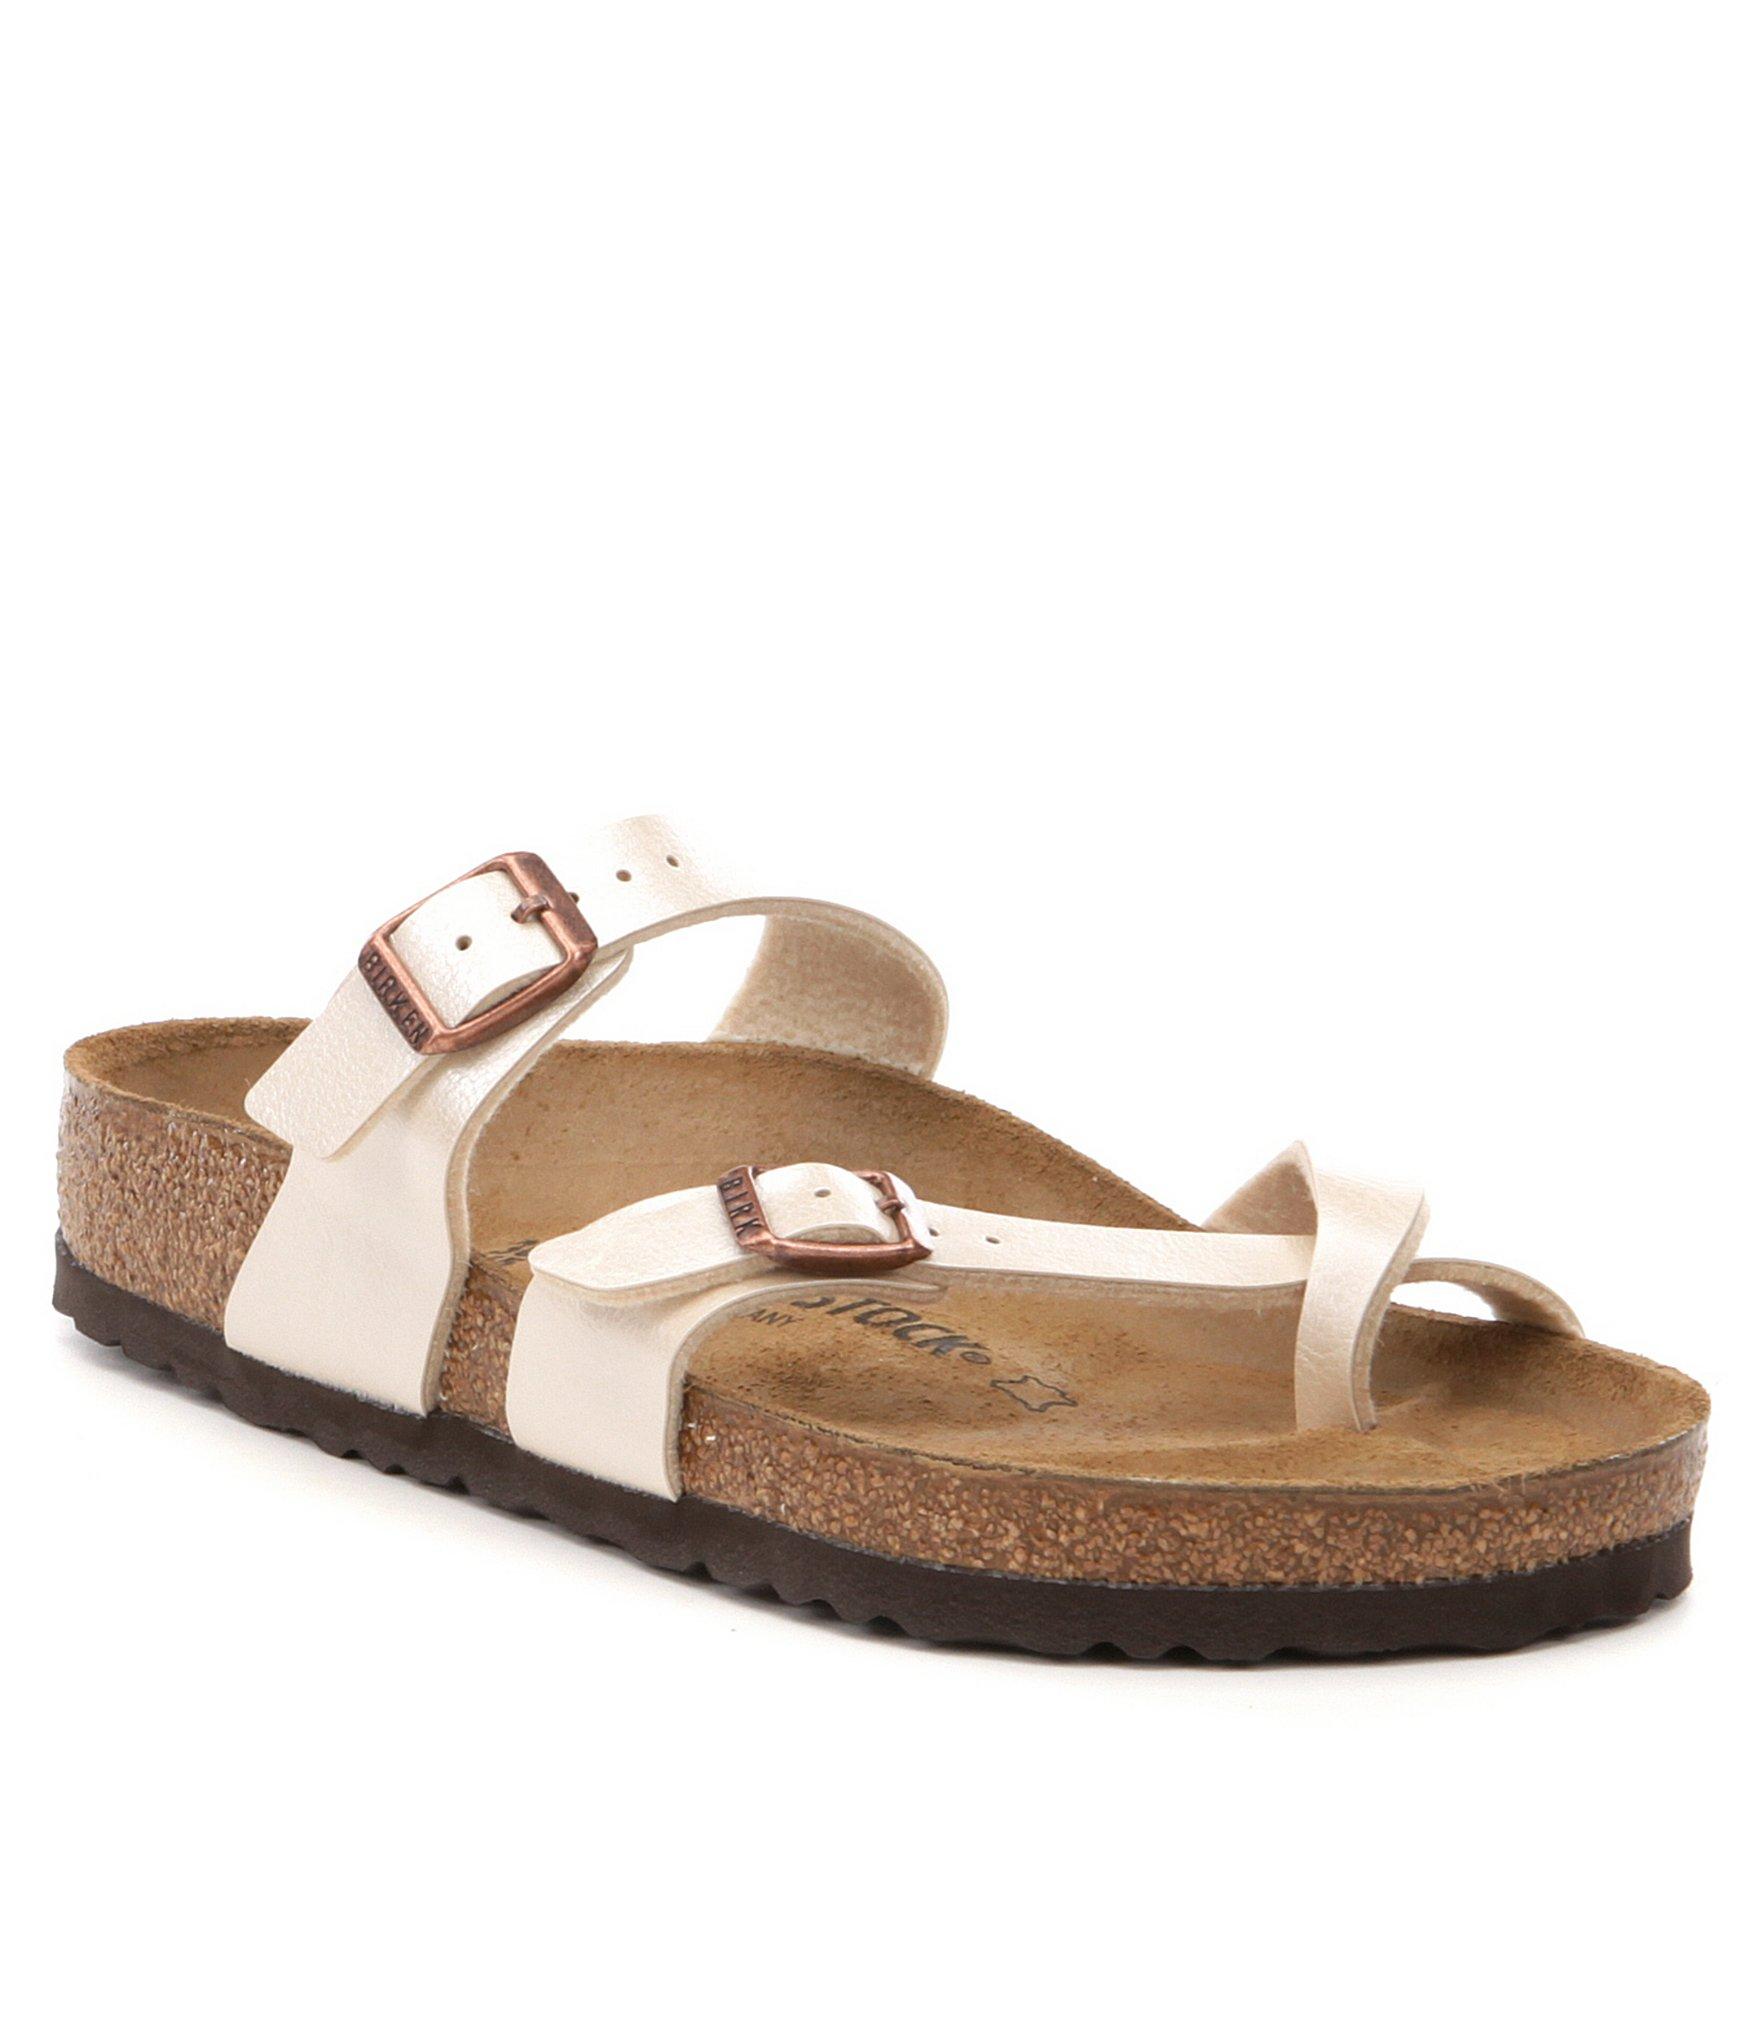 womens sandals womenu0027s sandals | dillards upzktvh